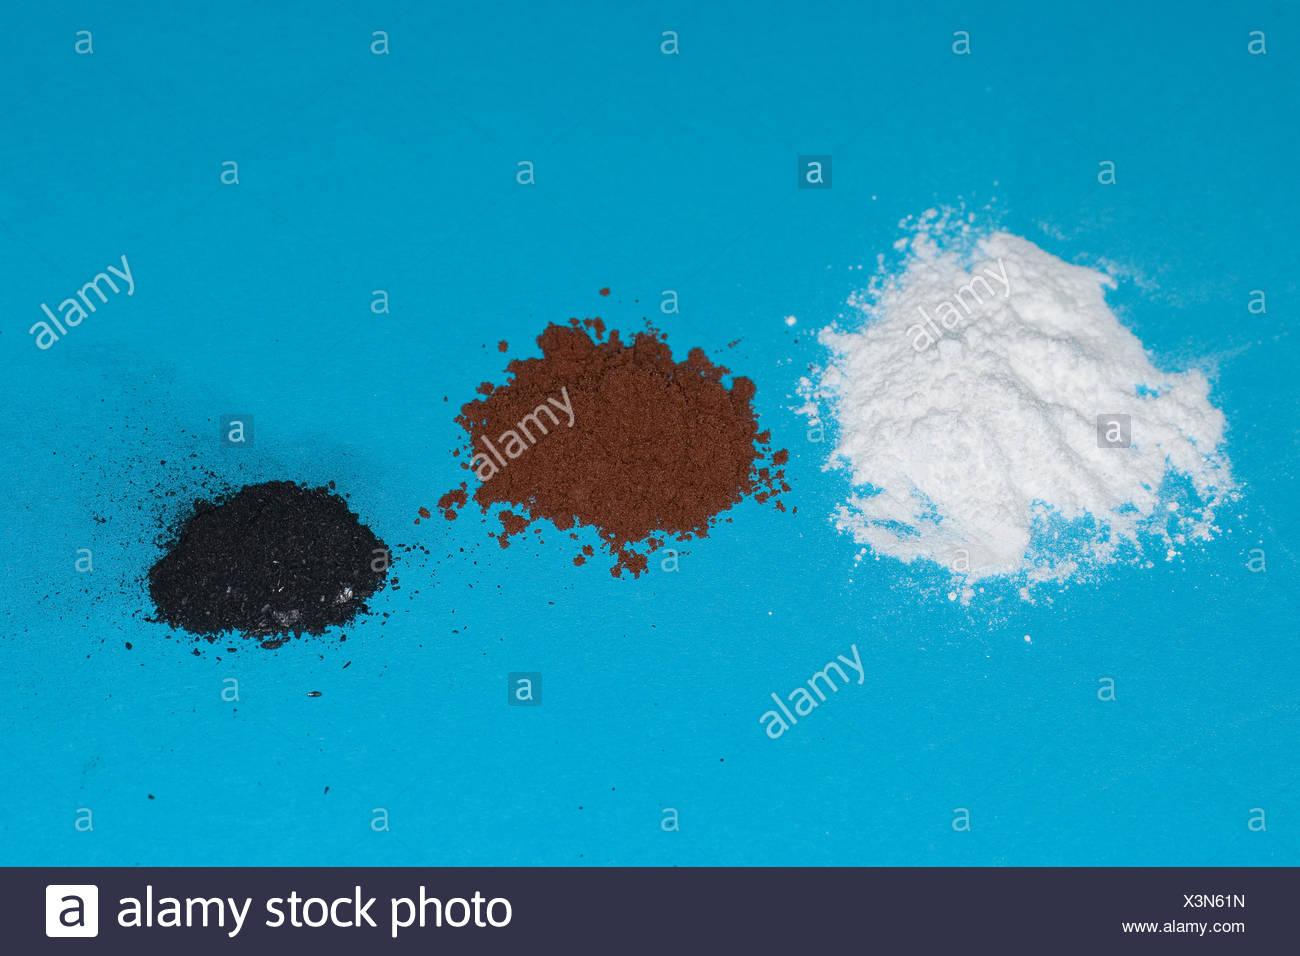 Material para la toma de las impresiones dactilares, en polvo, cacao en polvo, un lápiz de grafito Imagen De Stock